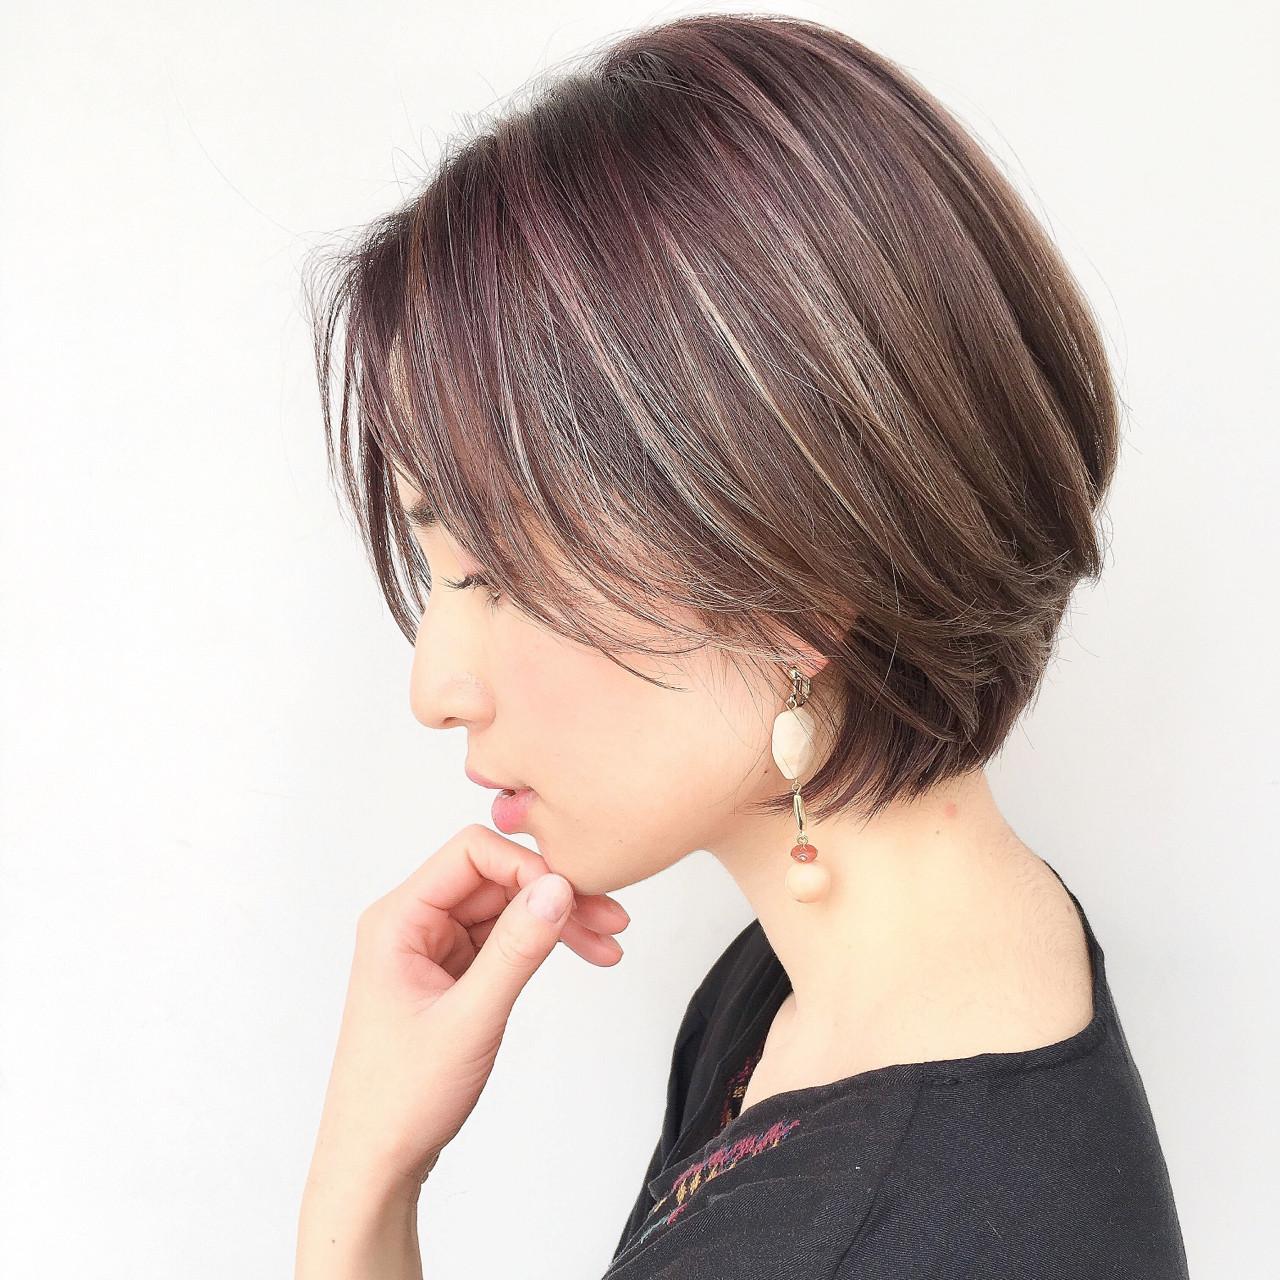 ゆるふわ バレンタイン ナチュラル アンニュイ ヘアスタイルや髪型の写真・画像   ショートボブの匠【 山内大成 】『i.hair』 / 『 i. 』 omotesando